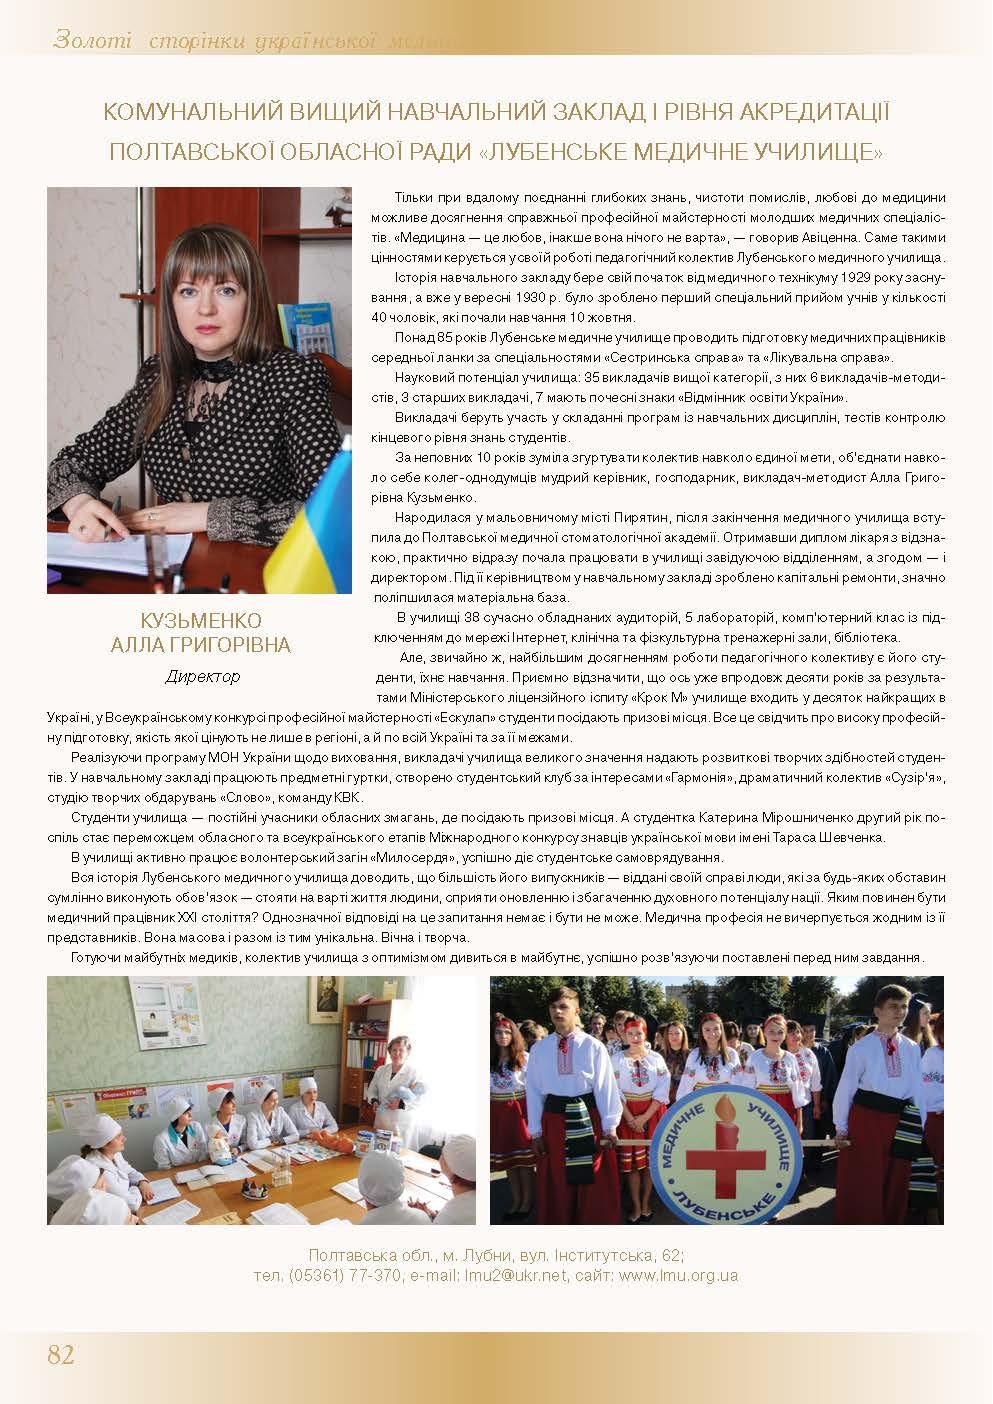 Комунальний вищий навчальний заклад І рівня акредитації Полтавської обласної ради «Лубенське медичне училище»